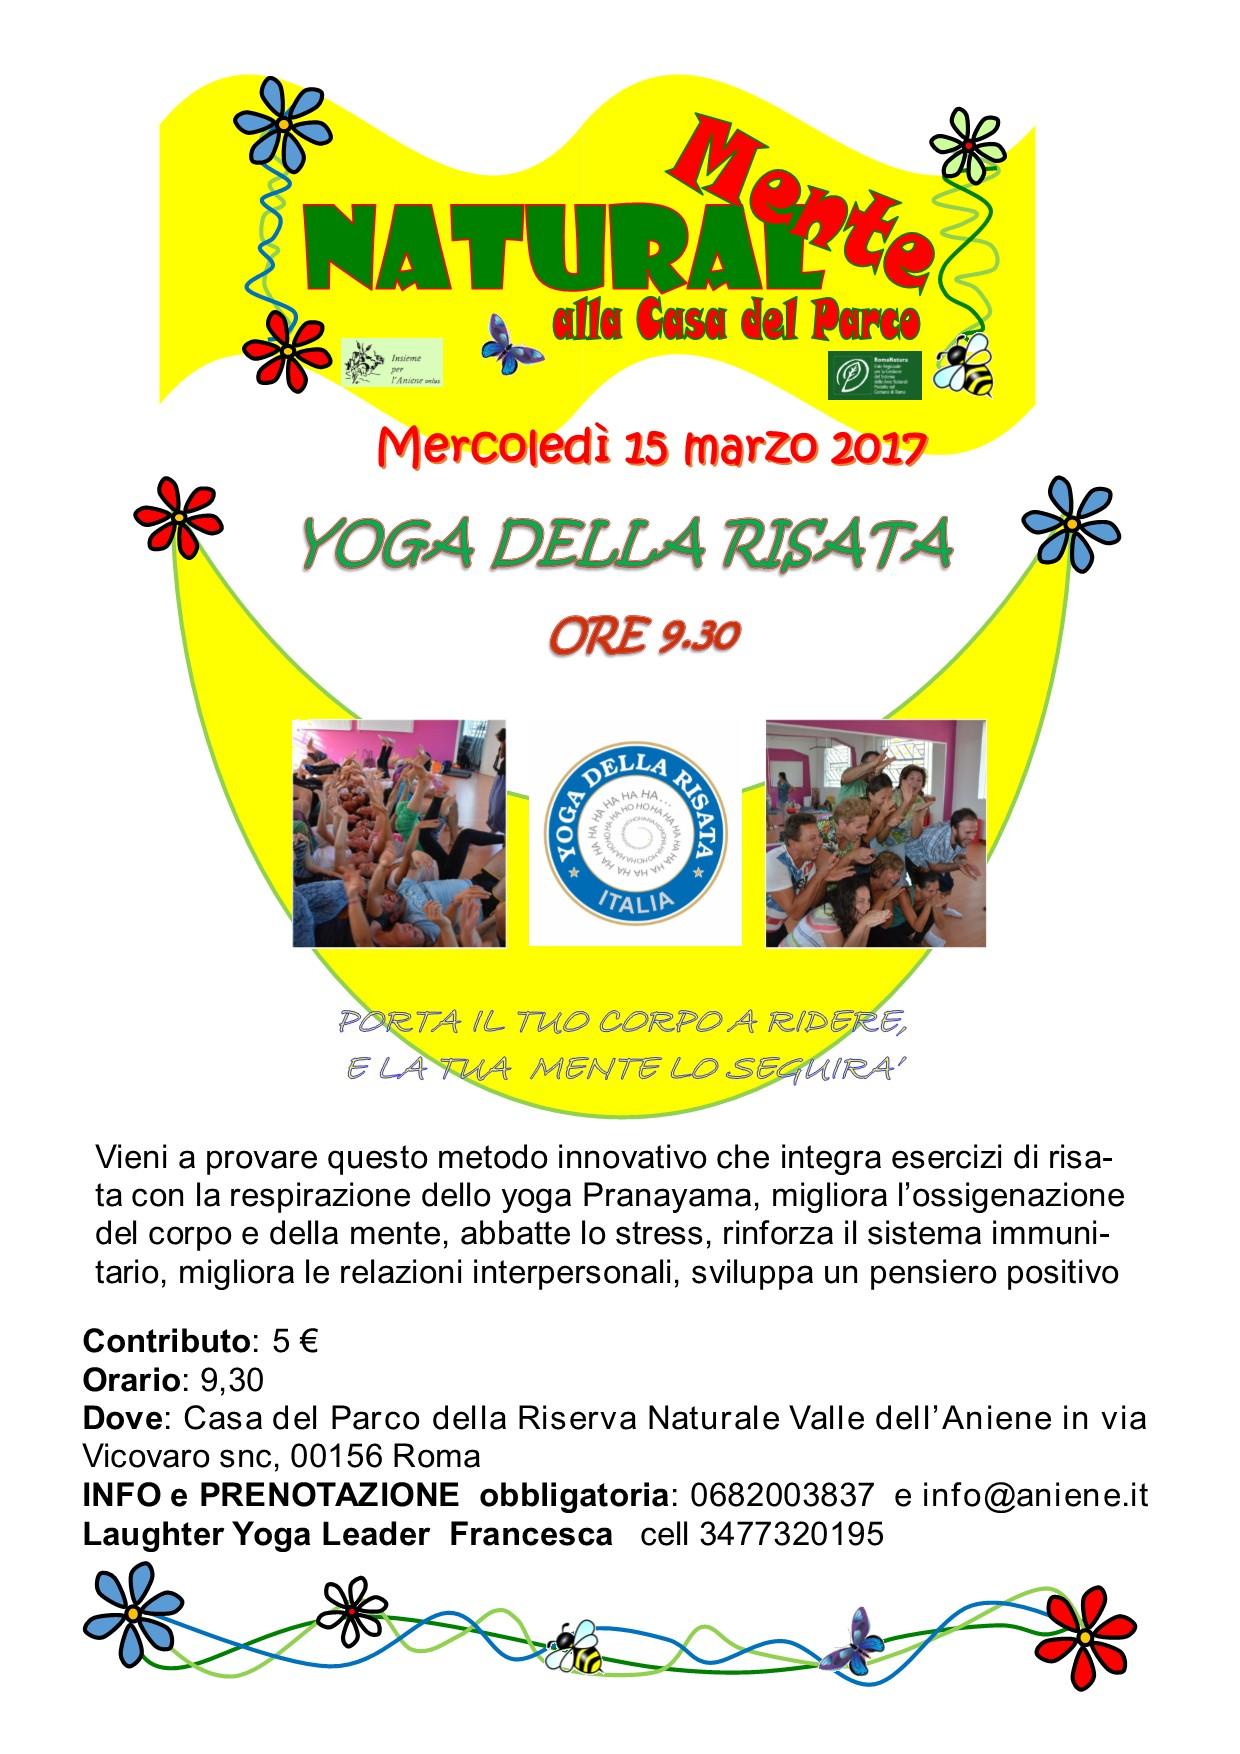 Yoga della Risata con Francesca Pieri - mercoledì 15 marzo